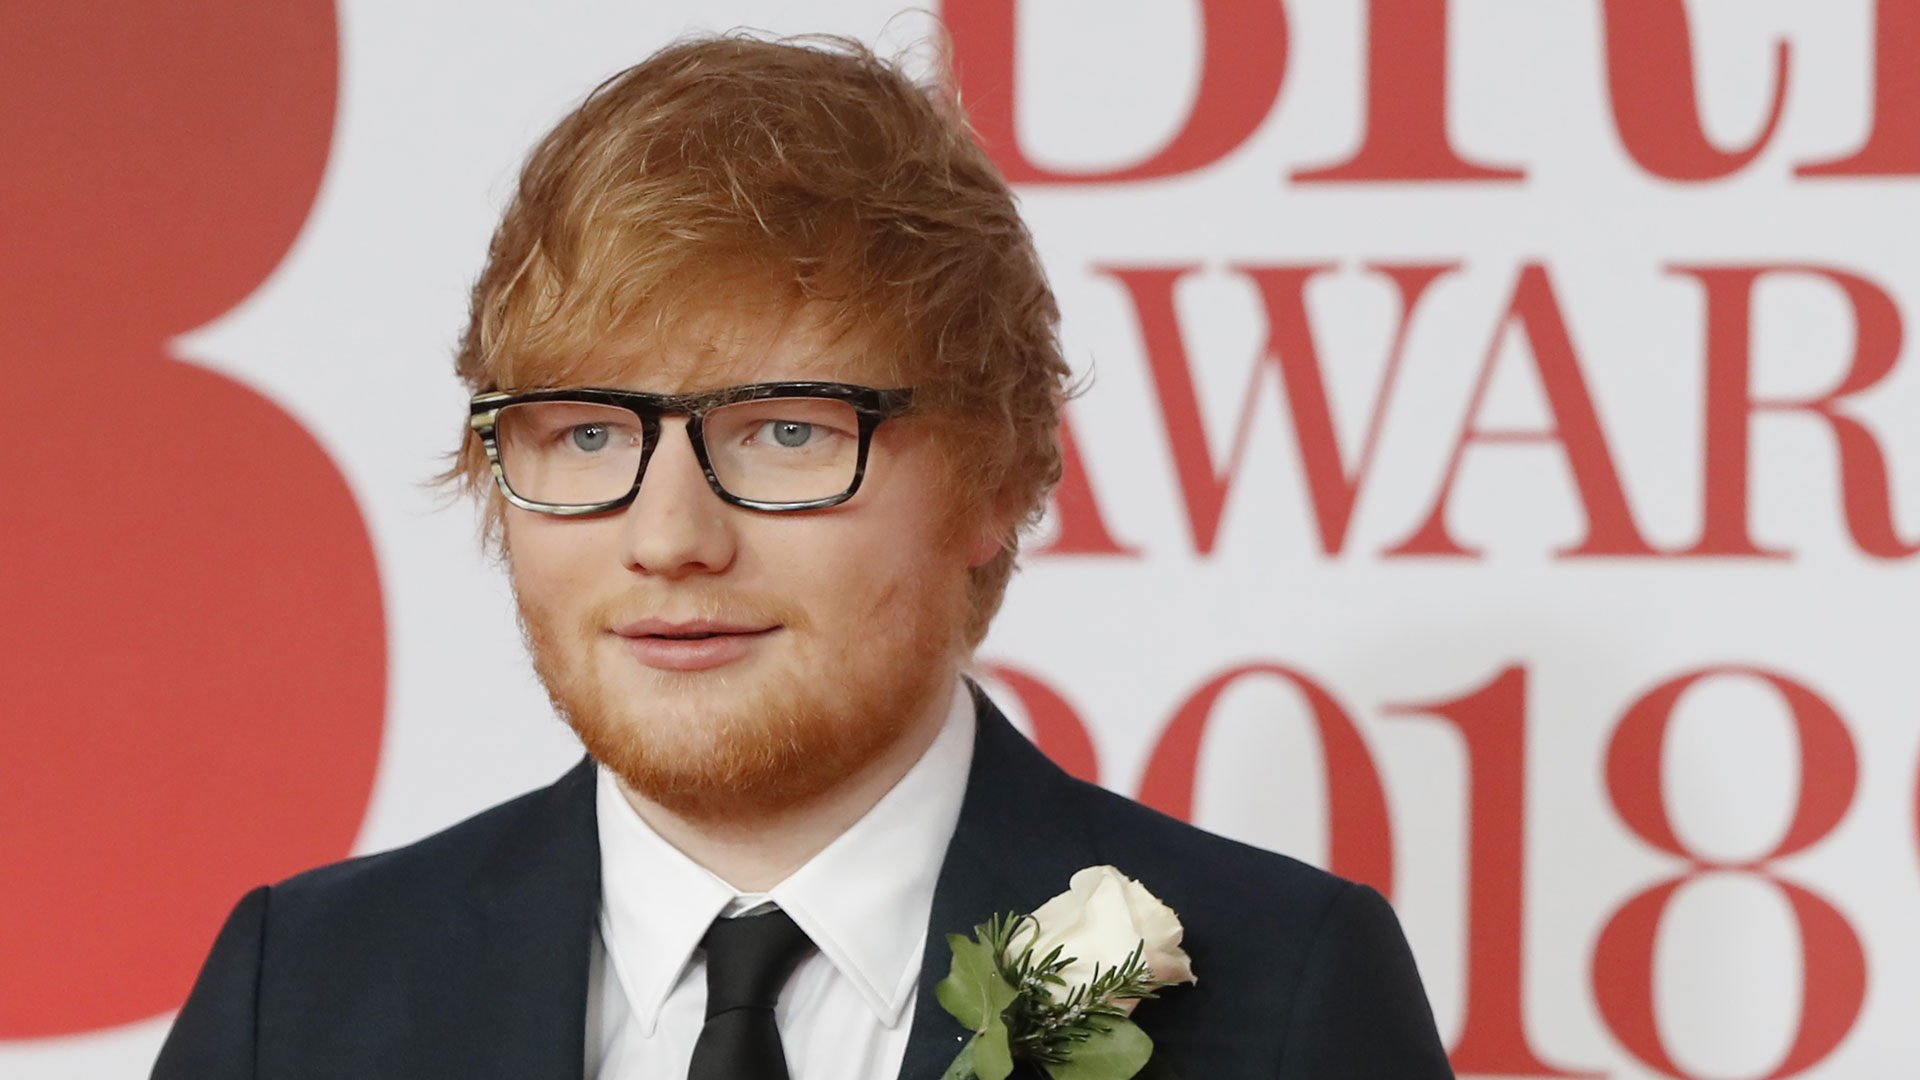 """El último proyecto de Sheeran, """"÷ (Divide)"""", lanzado al mercado el pasado marzo, fue el trabajo más vendido en todo el globo, además de ser considerado disco """"multi platino"""" en 36 mercados"""